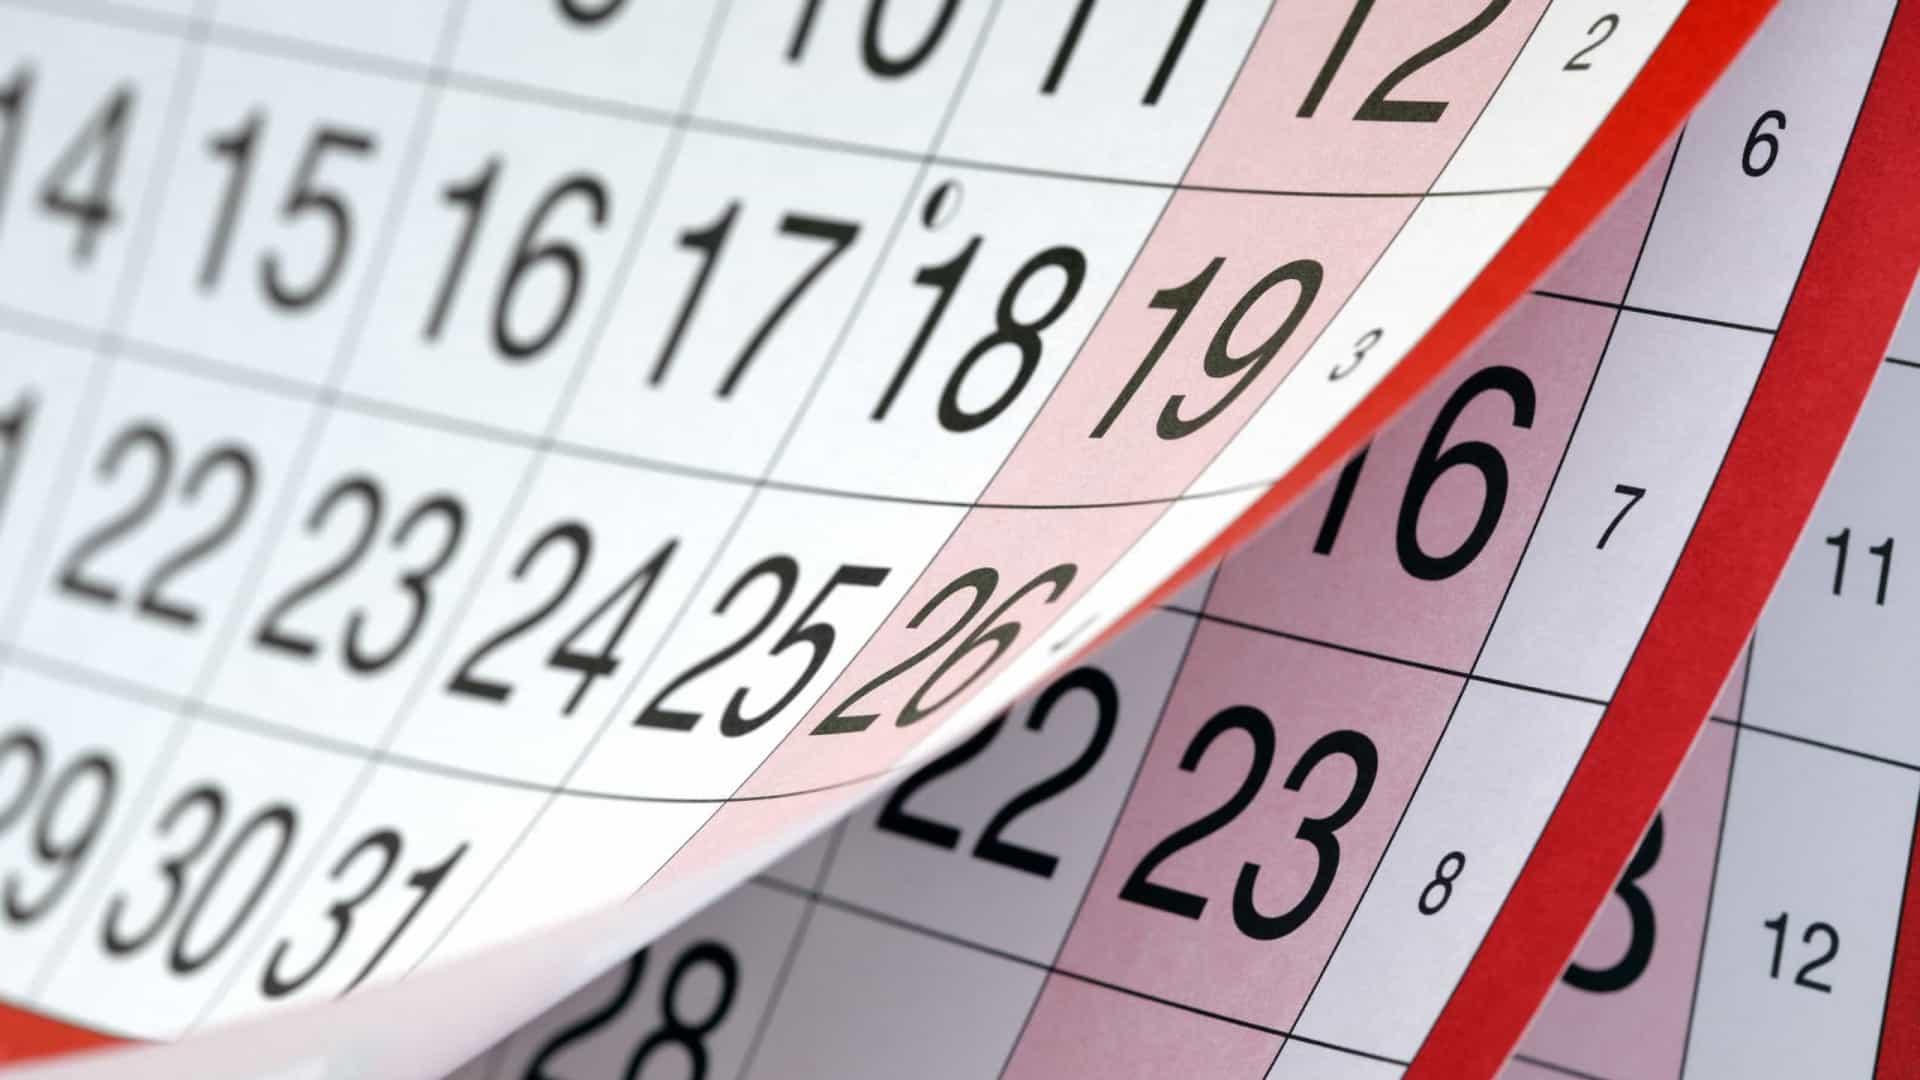 naom 5f2be3041ca74 - Carnaval não é feriado nacional; direitos e deveres dos trabalhadores